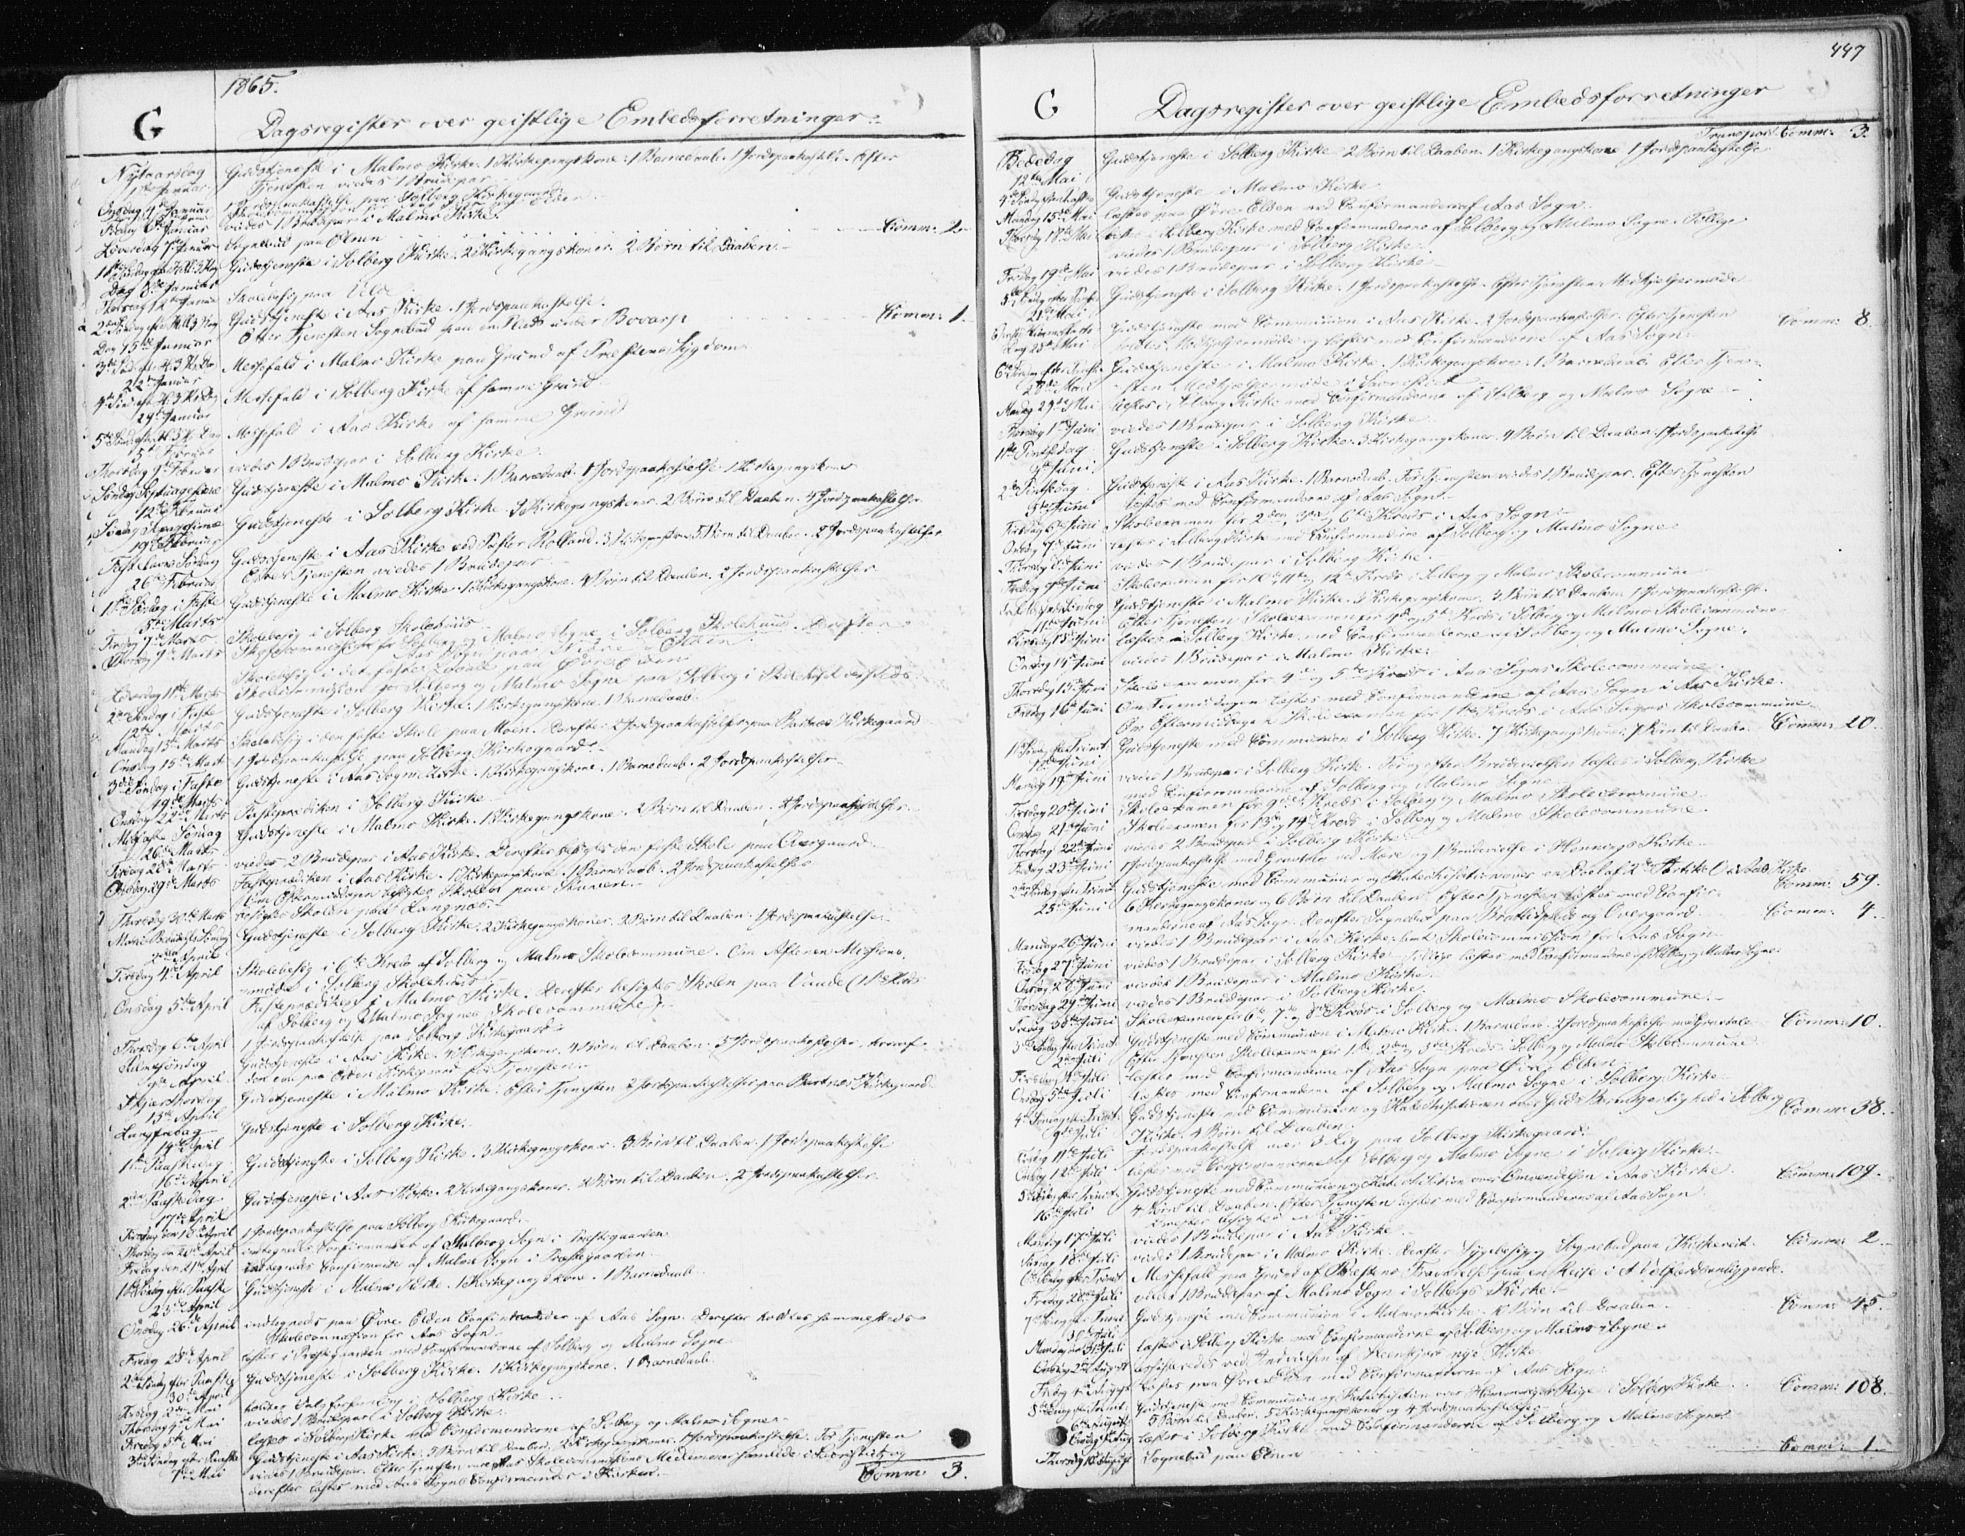 SAT, Ministerialprotokoller, klokkerbøker og fødselsregistre - Nord-Trøndelag, 741/L0394: Ministerialbok nr. 741A08, 1864-1877, s. 447